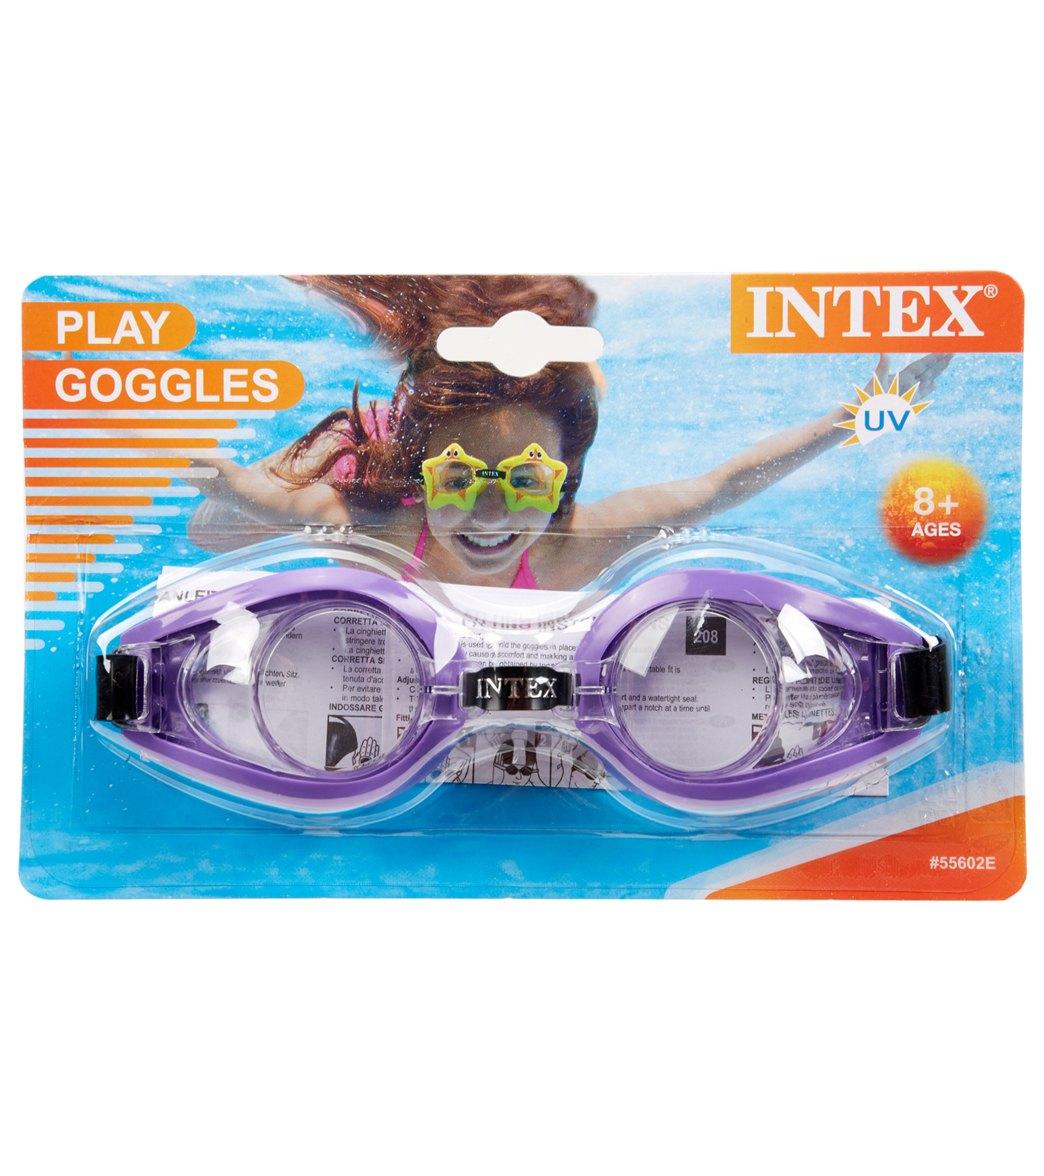 88469db01a Intex Play Goggles (ages 8+) at SwimOutlet.com